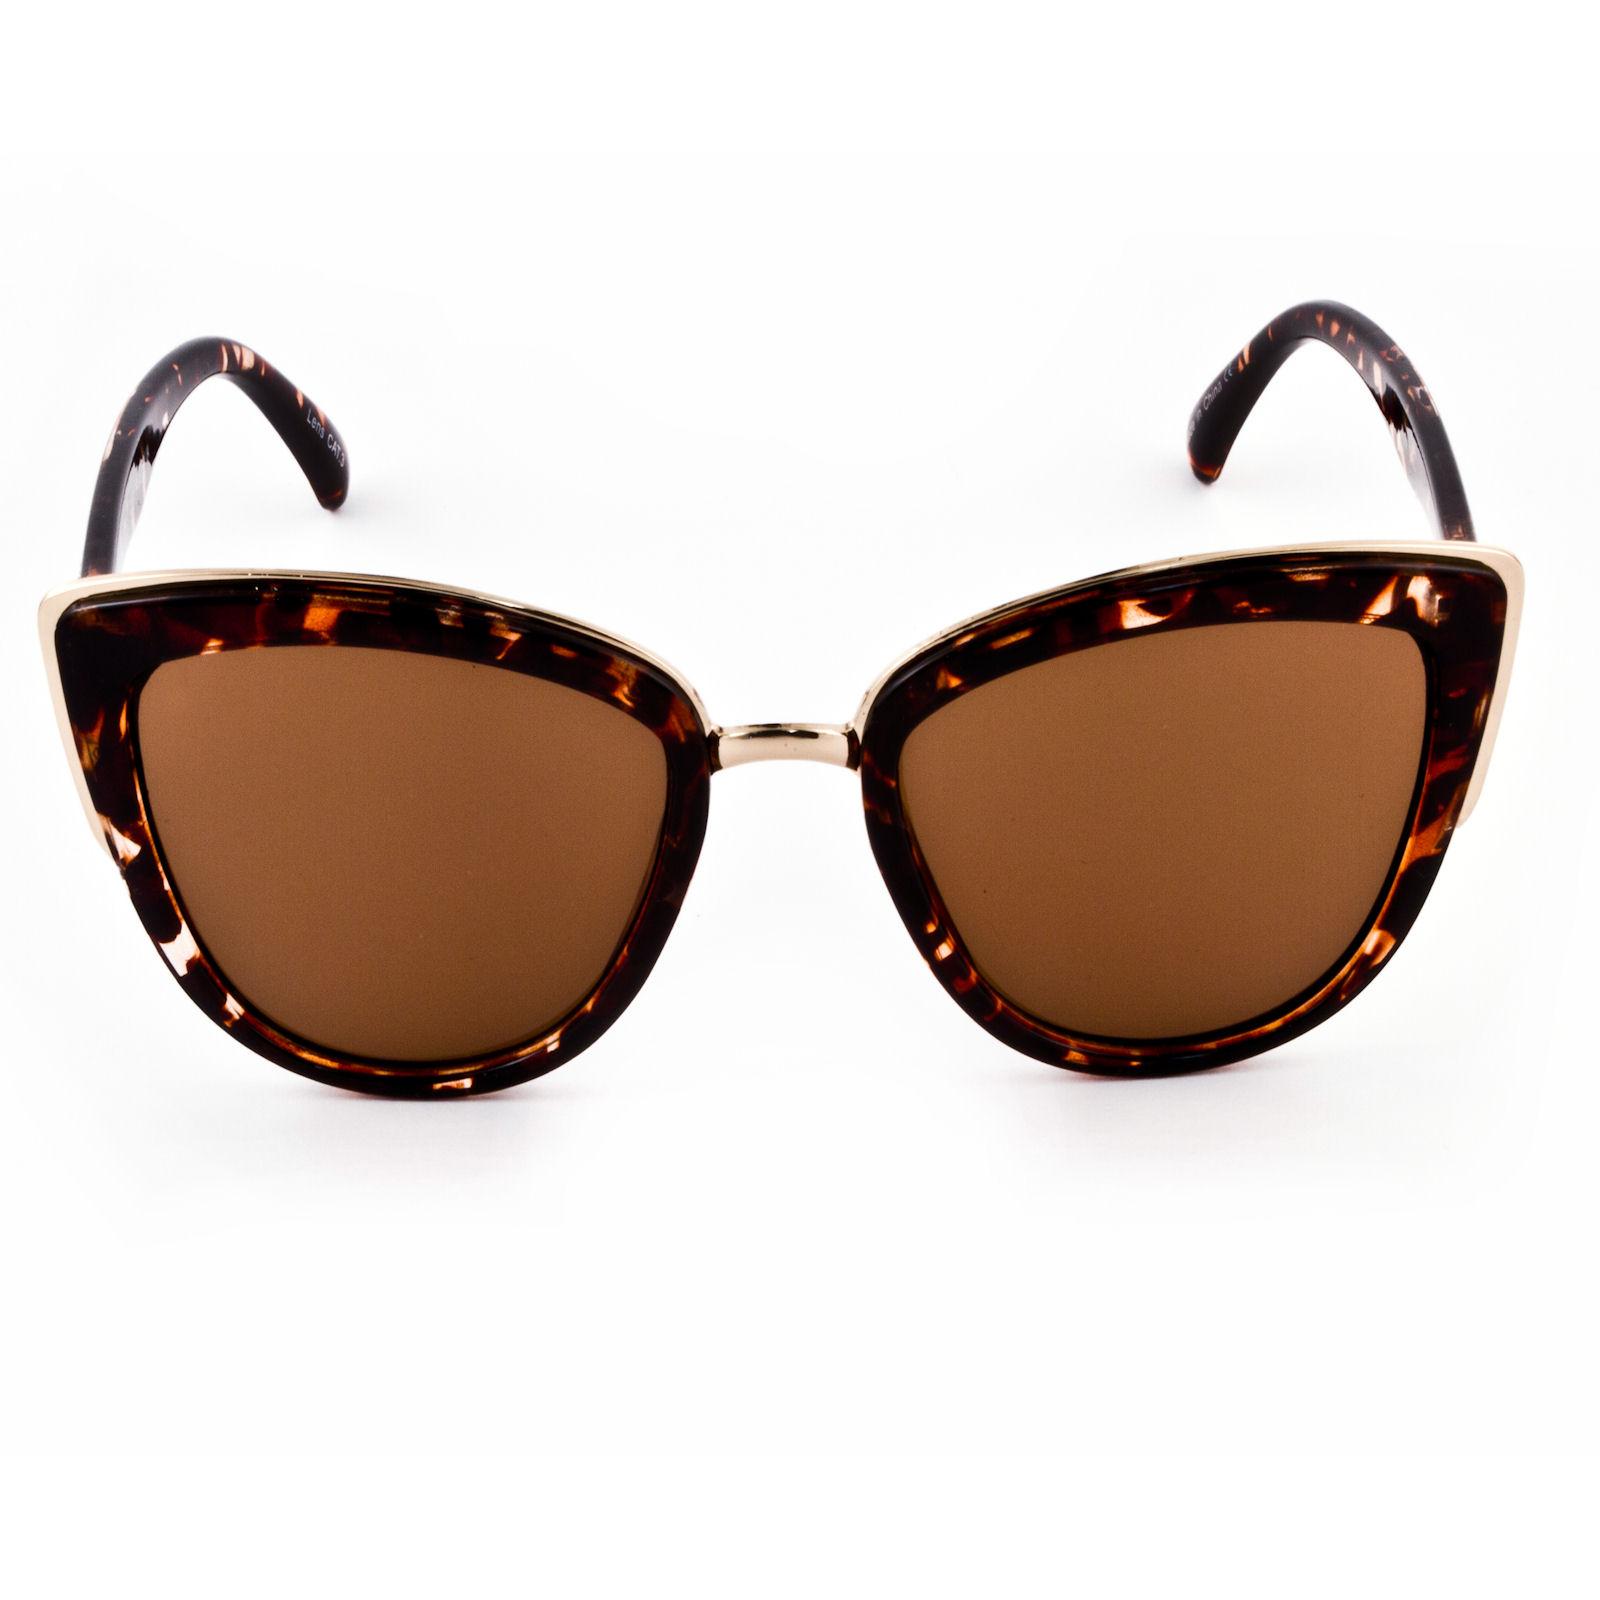 Quay Australia Damen Sonnenbrille MY GIRL tortoise brown j7GpbO